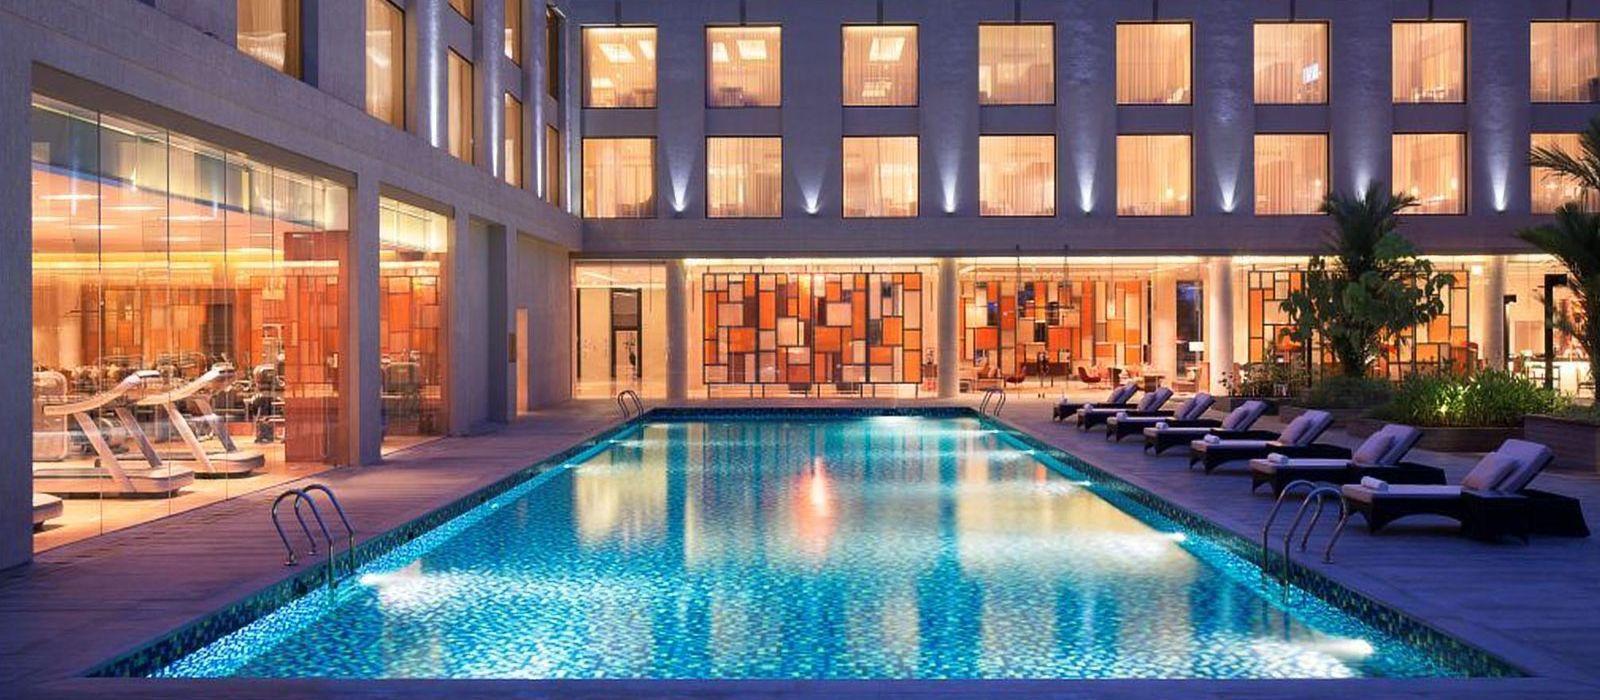 Hotel Courtyard by Marriott Südindien